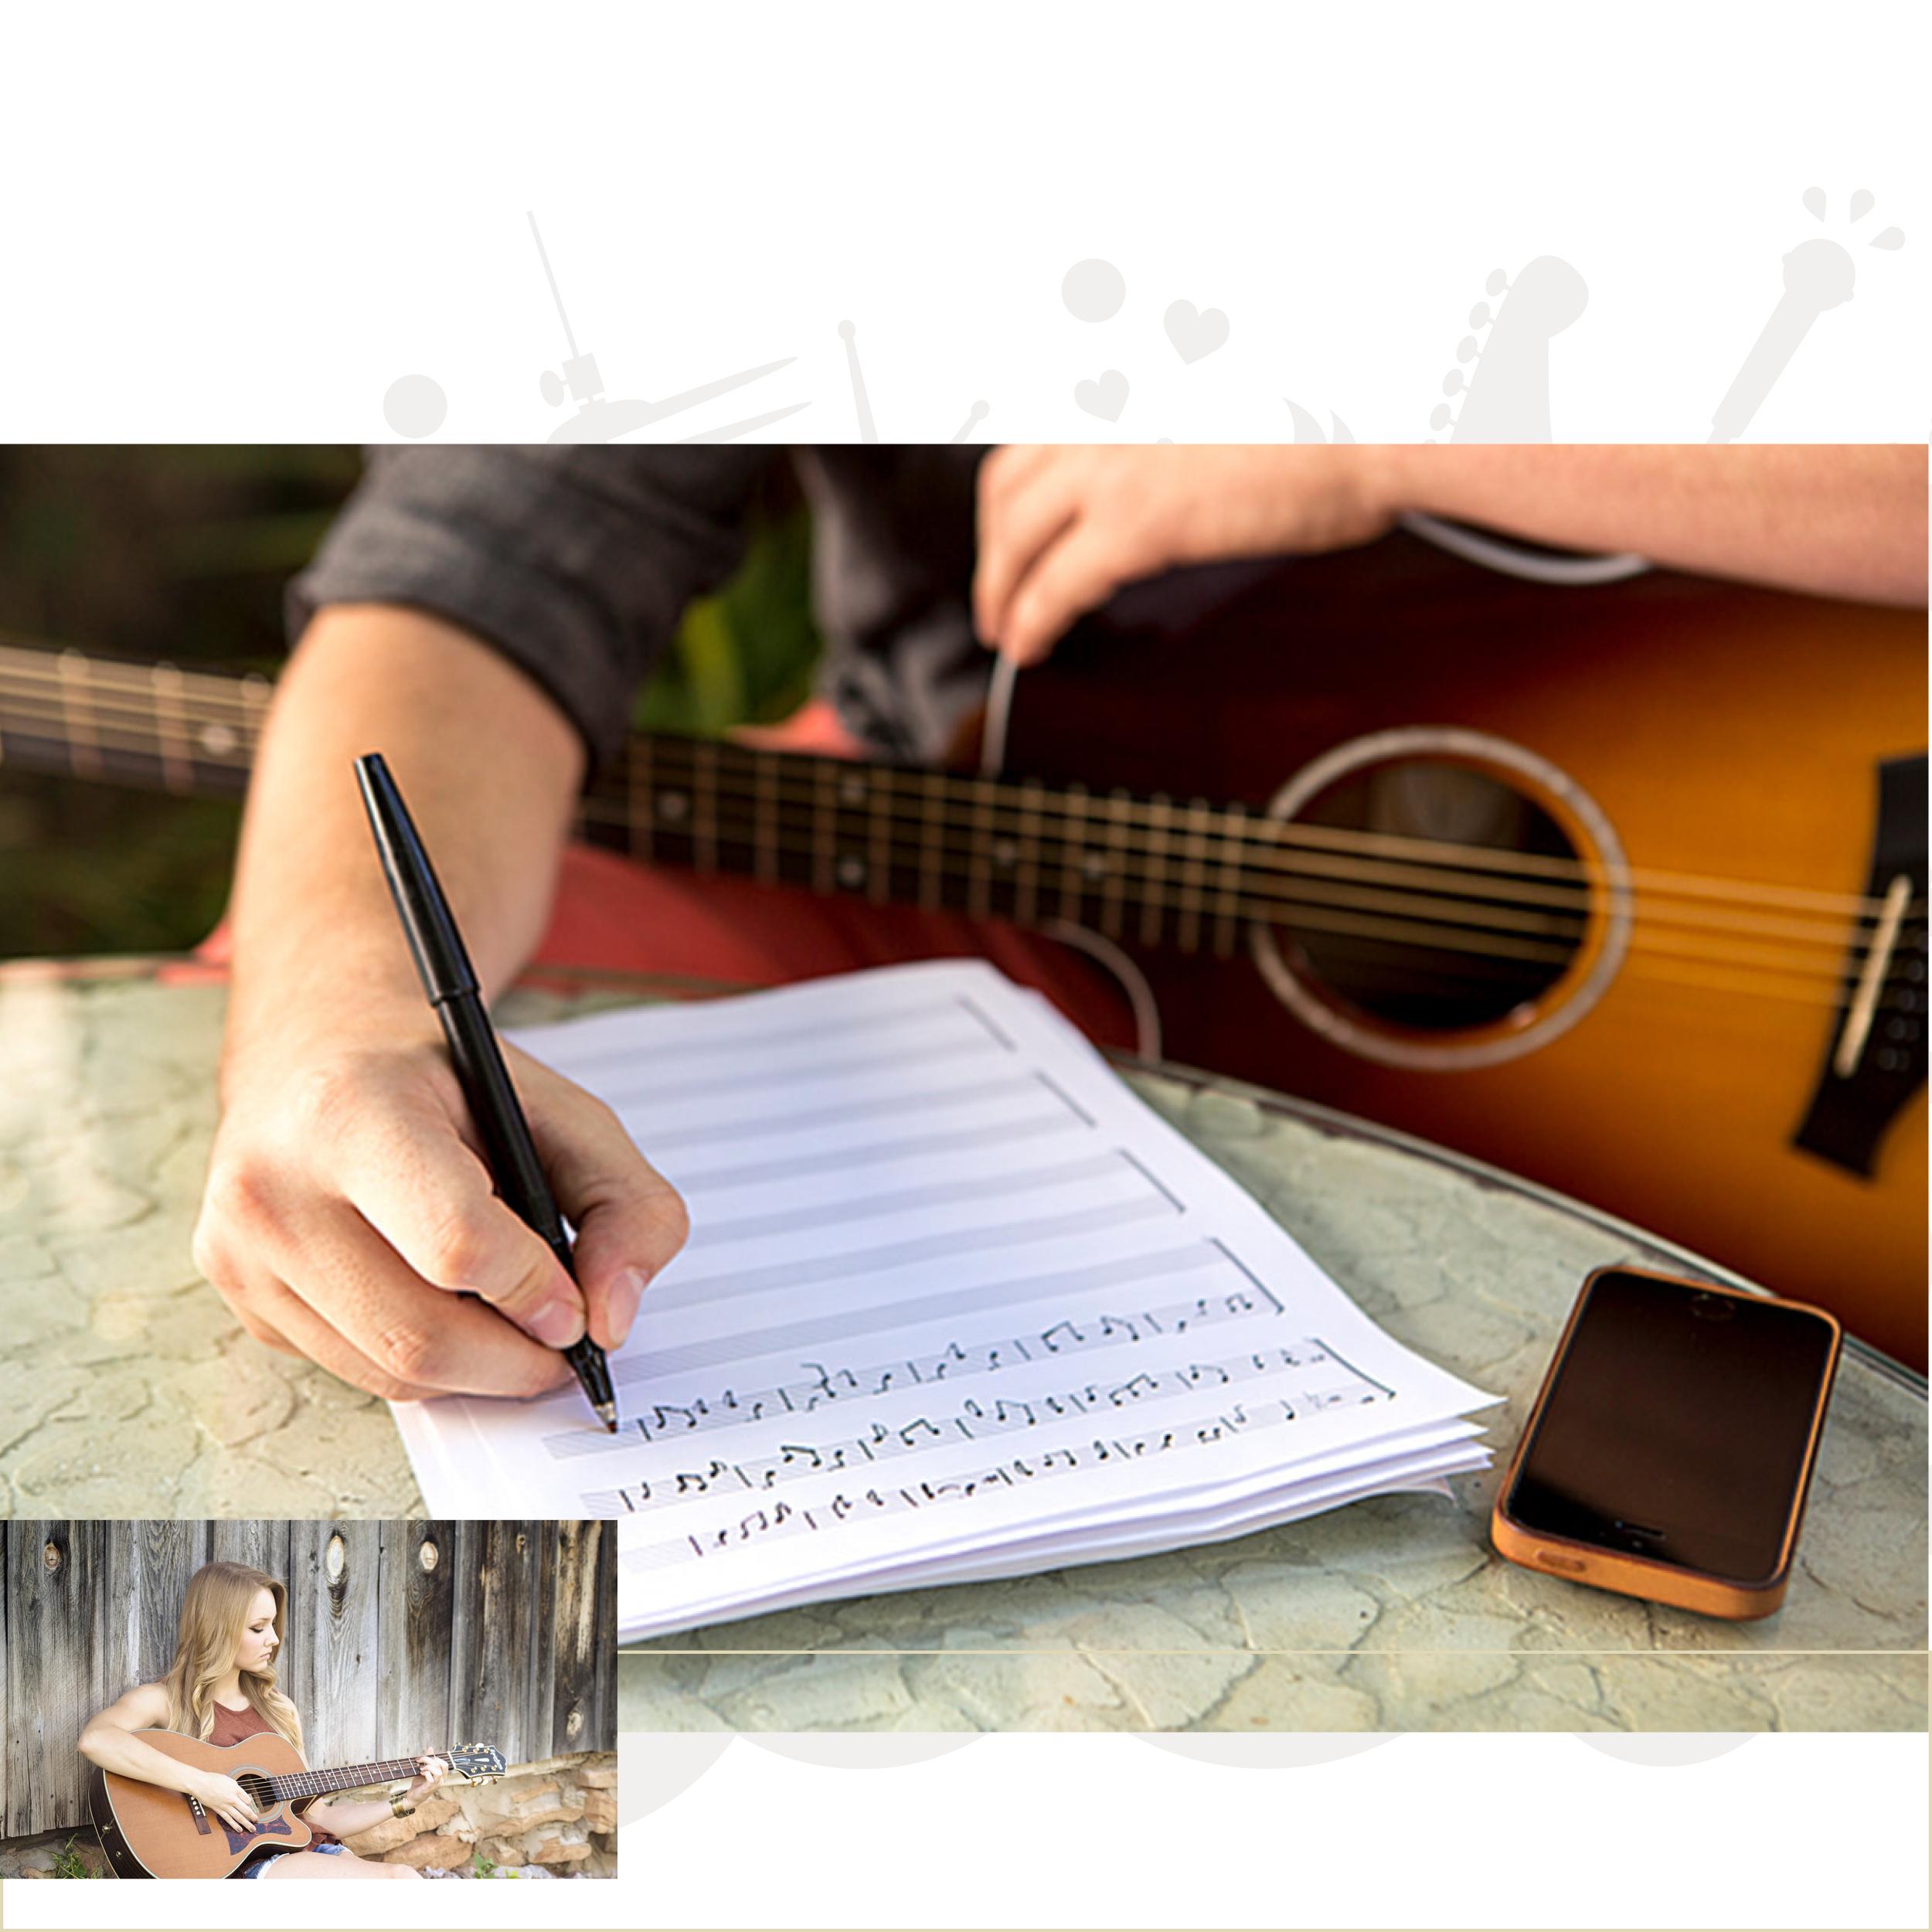 Sangskrivning - Lav jeres egen musik - Rundt om Sammenspil